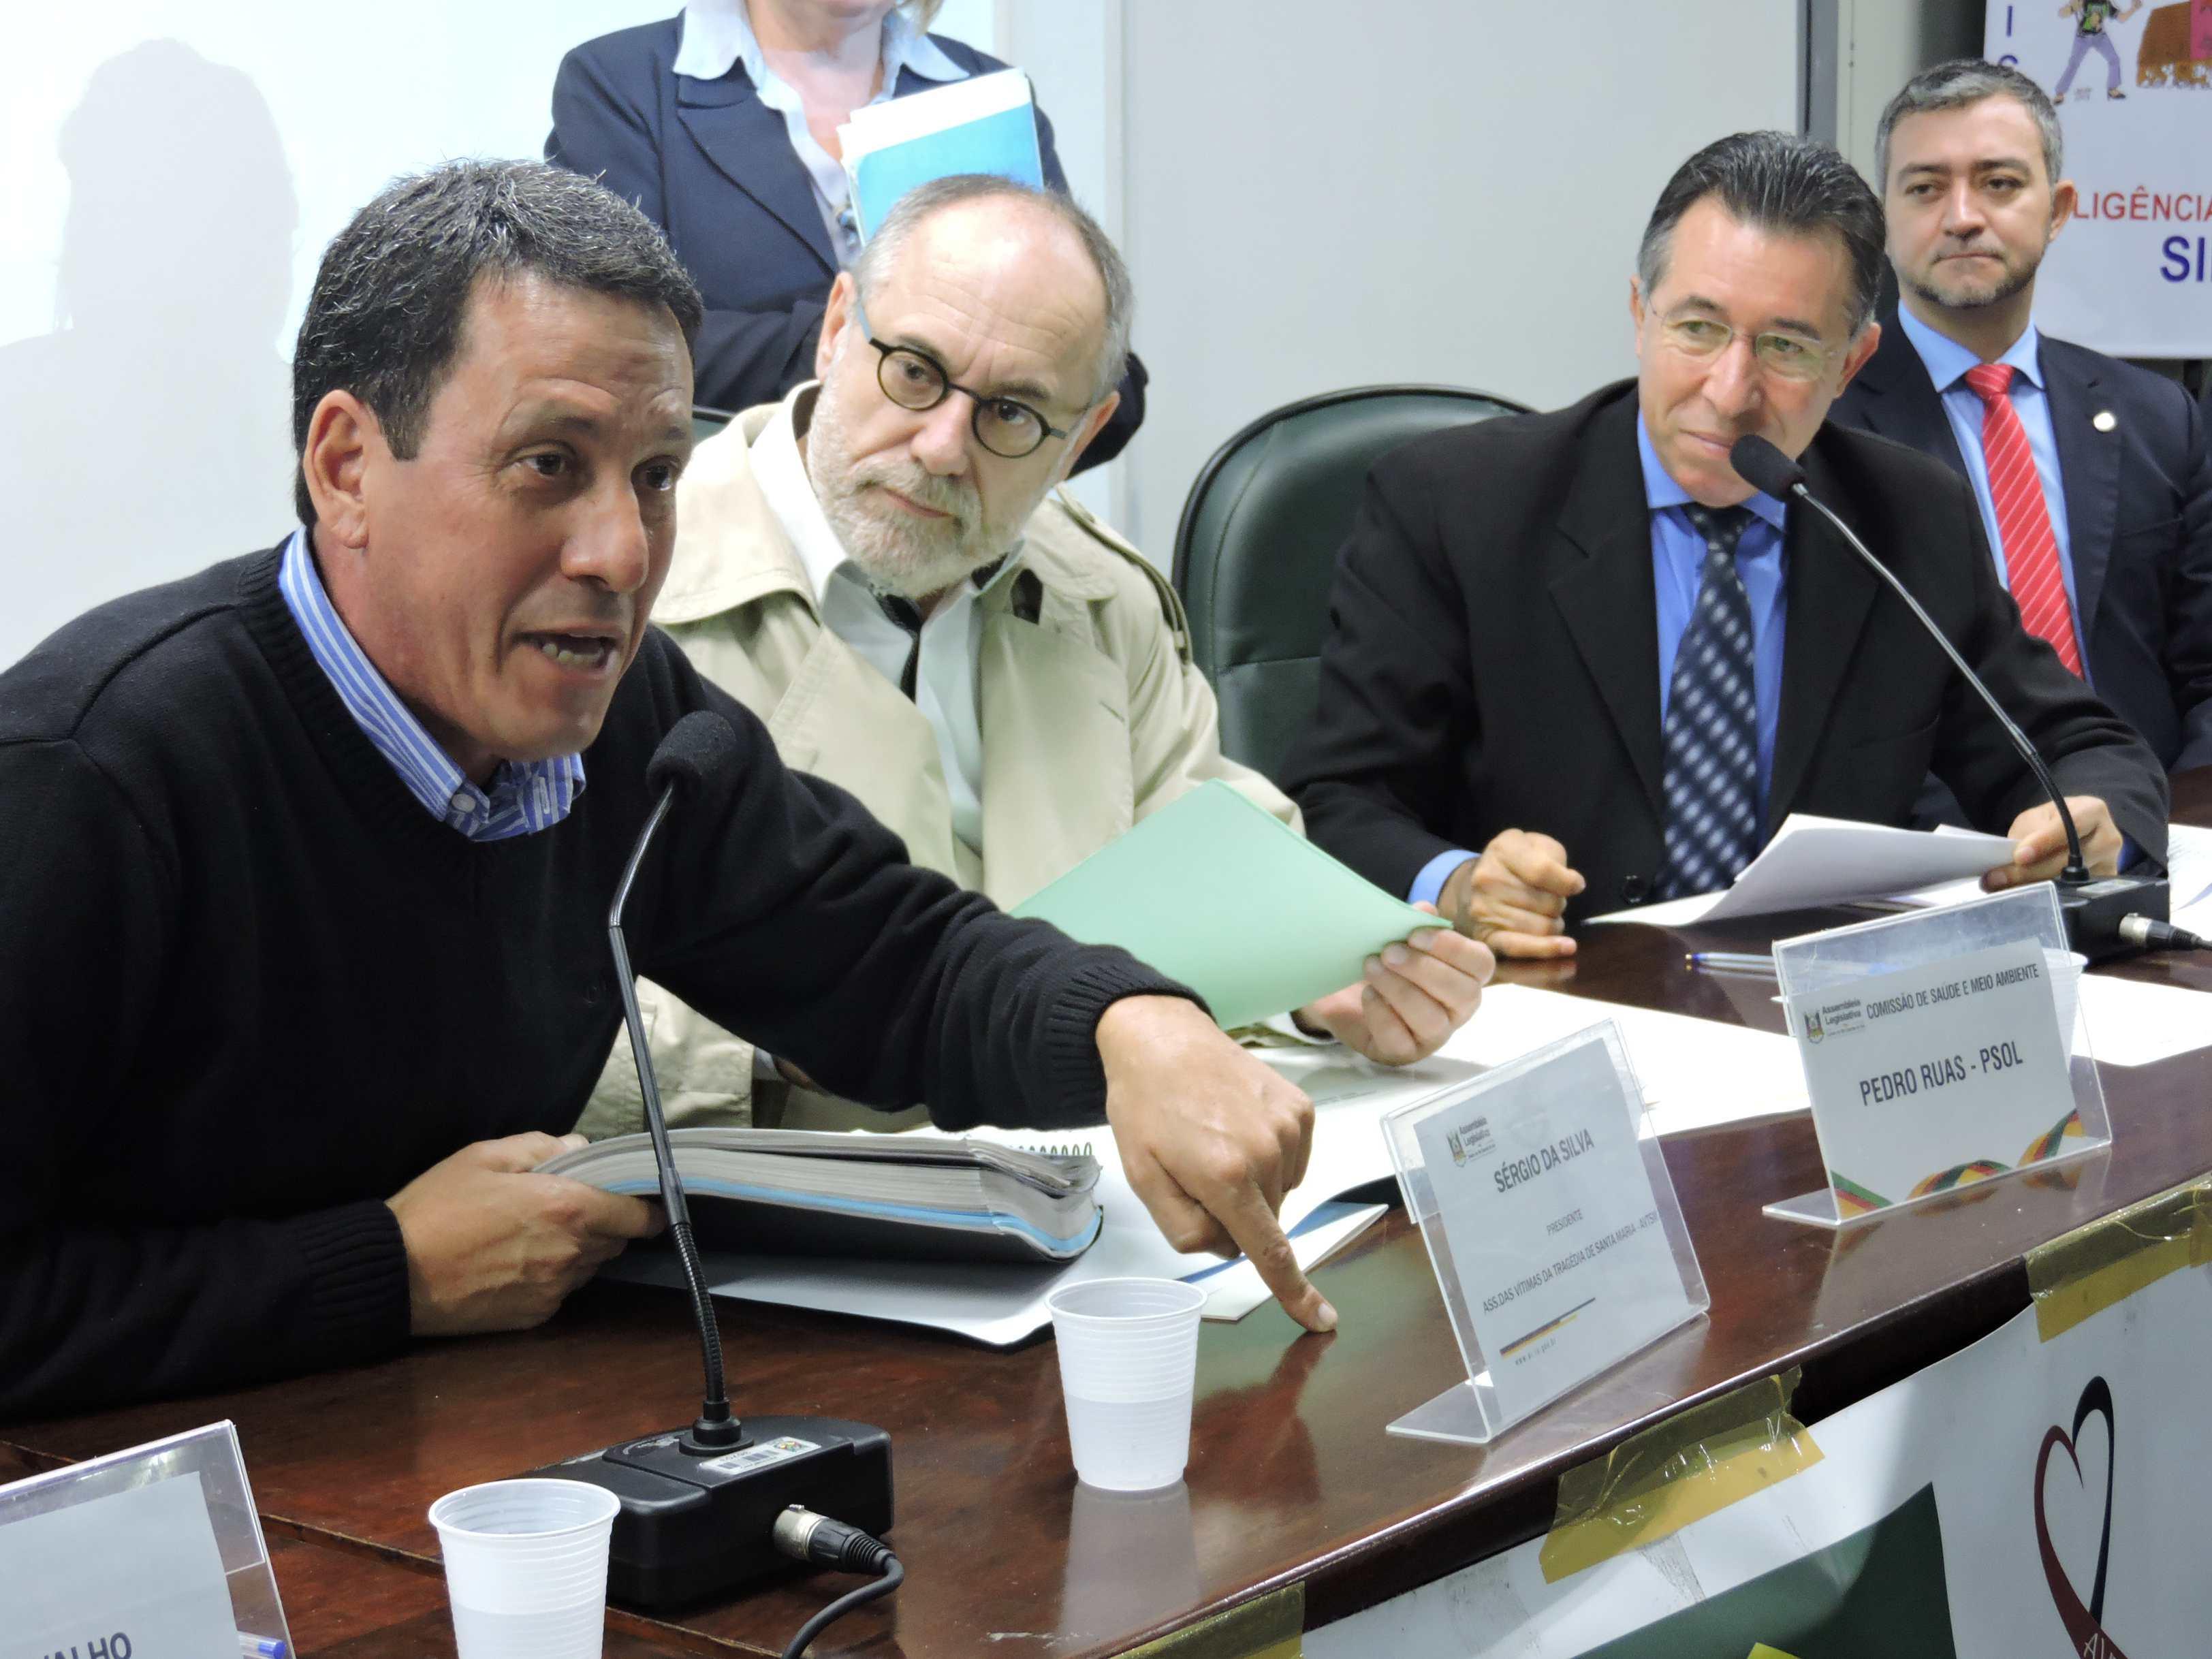 Audiência pública sobre atendimento de saúde das vítimas da Kiss ocorreu no dia 27 de maio, na Assembleia.